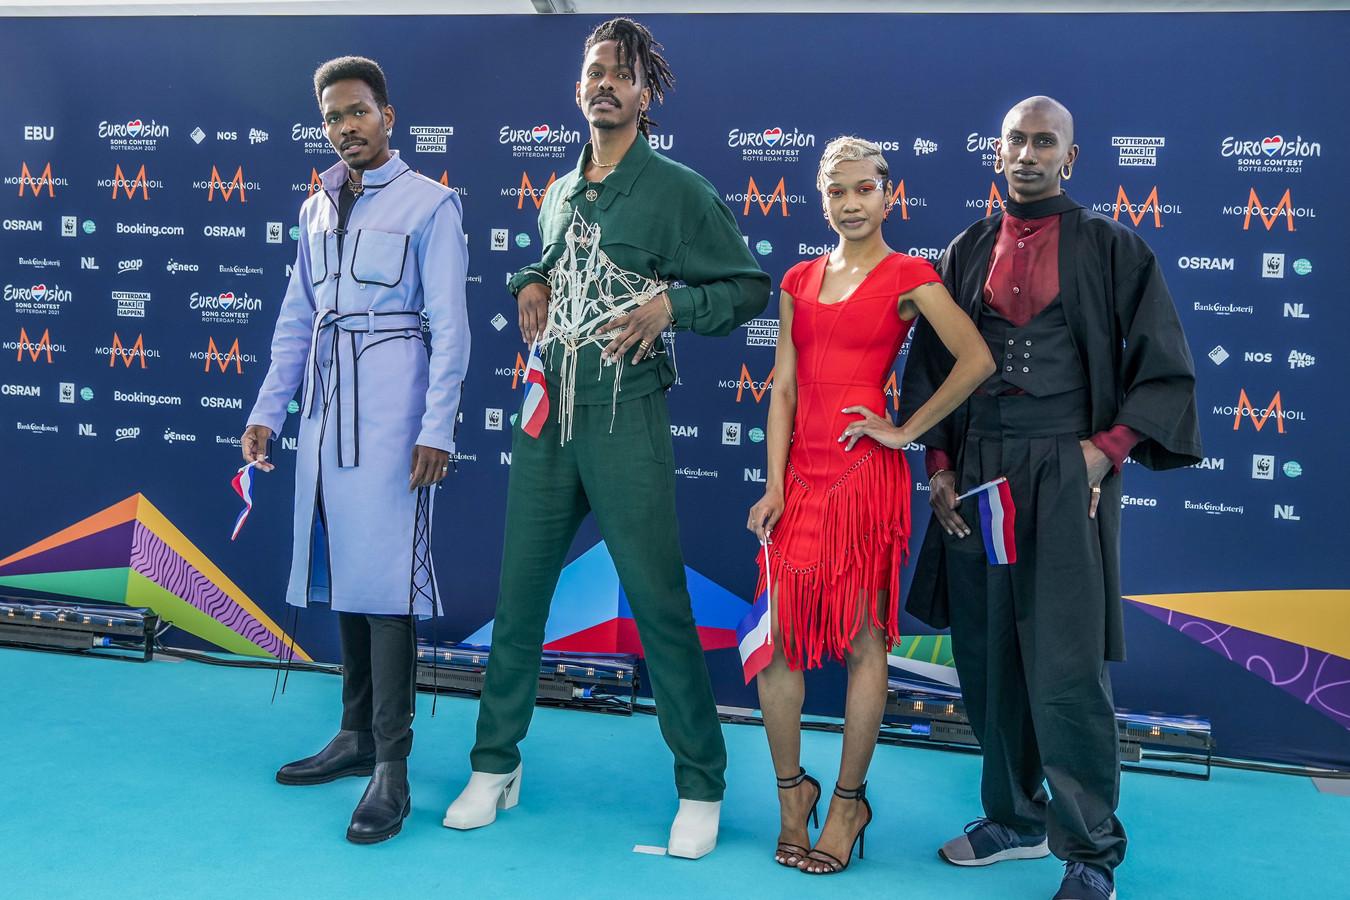 Jeangu Macrooy uit Nederland komt aan op de voor de gelegenheid turquoise gekleurde loper. De halve finale van het Euriovision Songfestival is vanavond om 21.00 uur te zien op NPO 1.